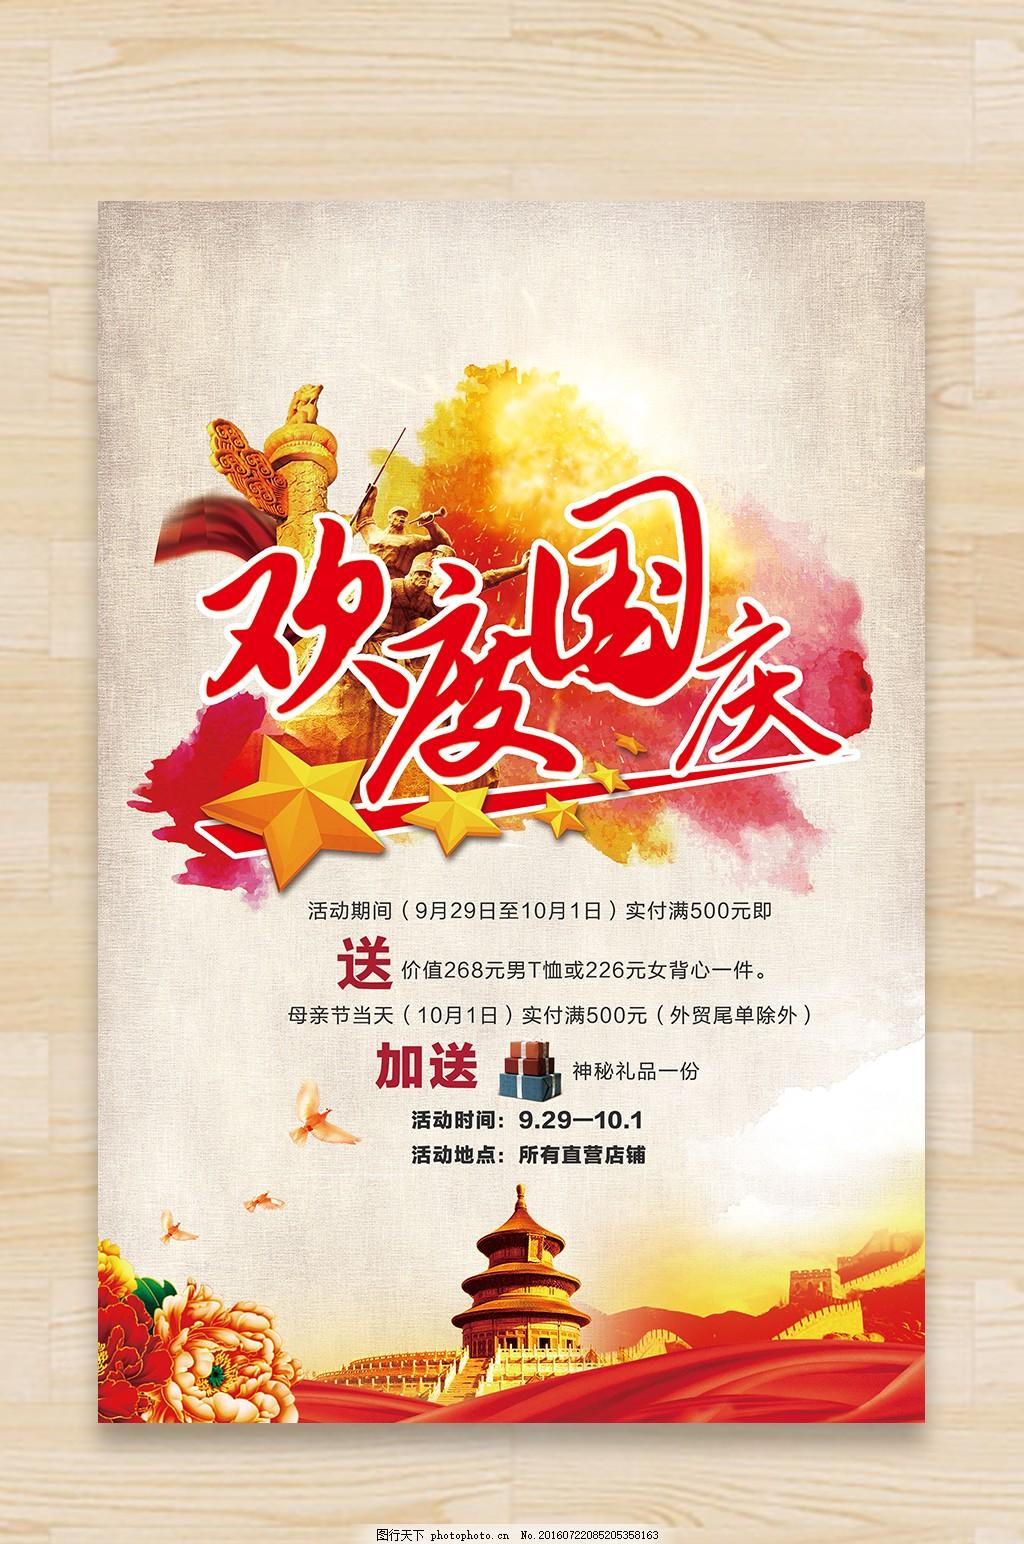 国庆节展板海报设计 背景 国庆海报 国庆贺卡 国庆快乐 国庆庆典